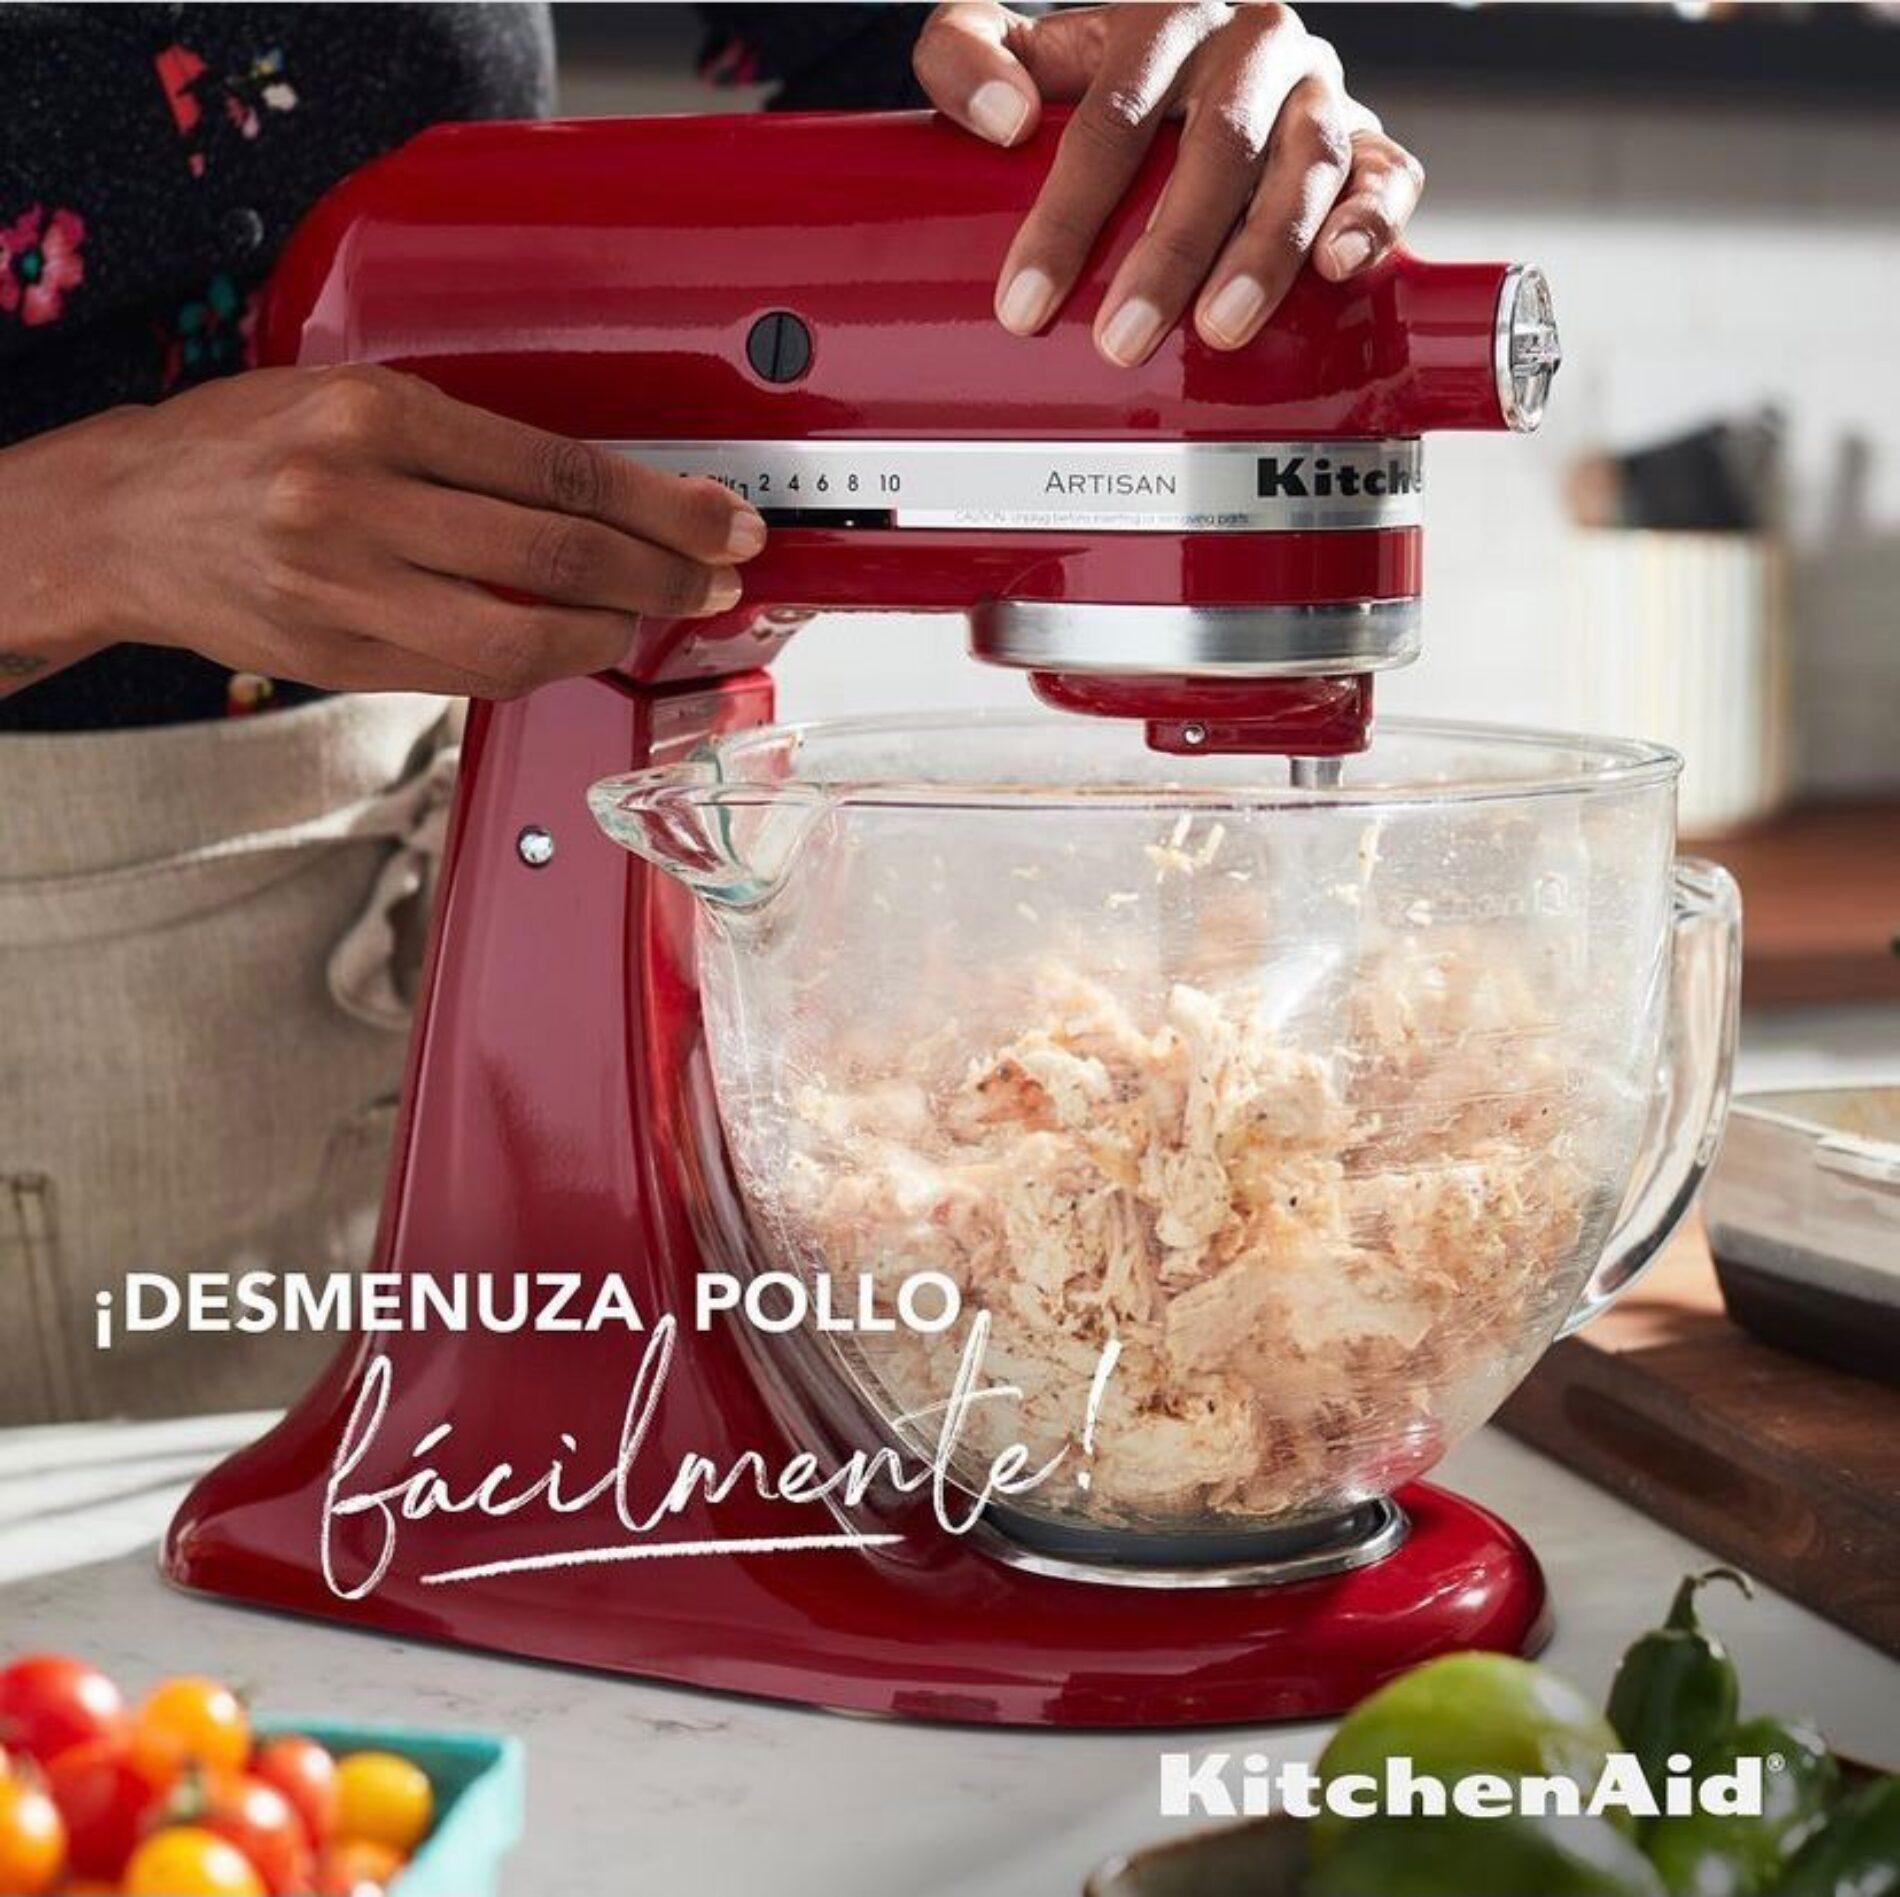 Haz que todas tus creaciones inspiren y vive momentos memorables con KitchenAid